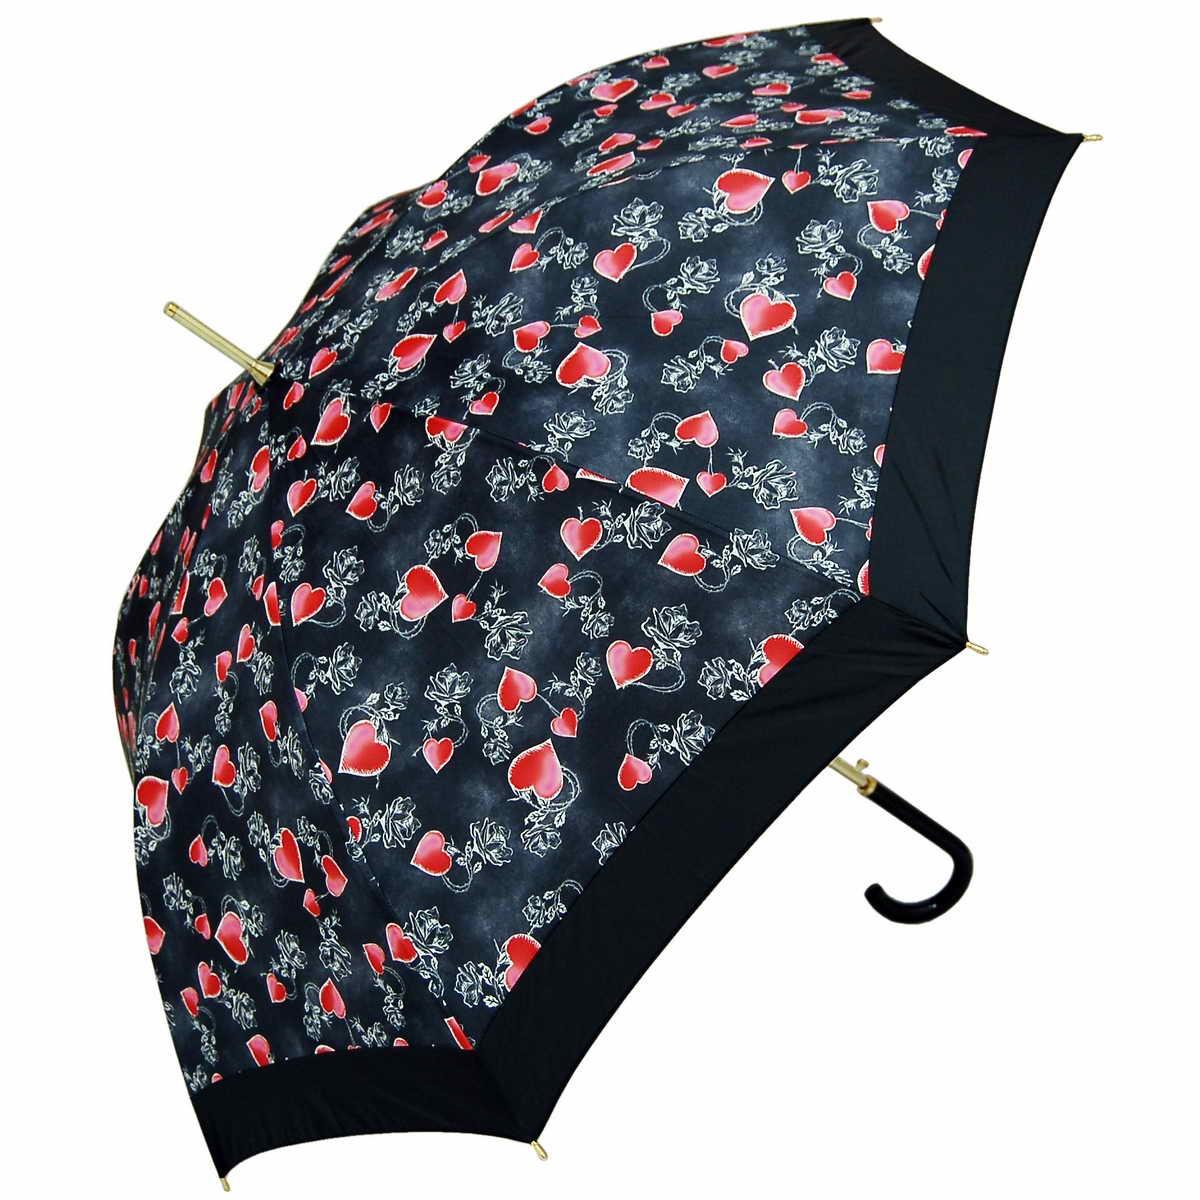 Зонт Stilla 279auto/2, черный